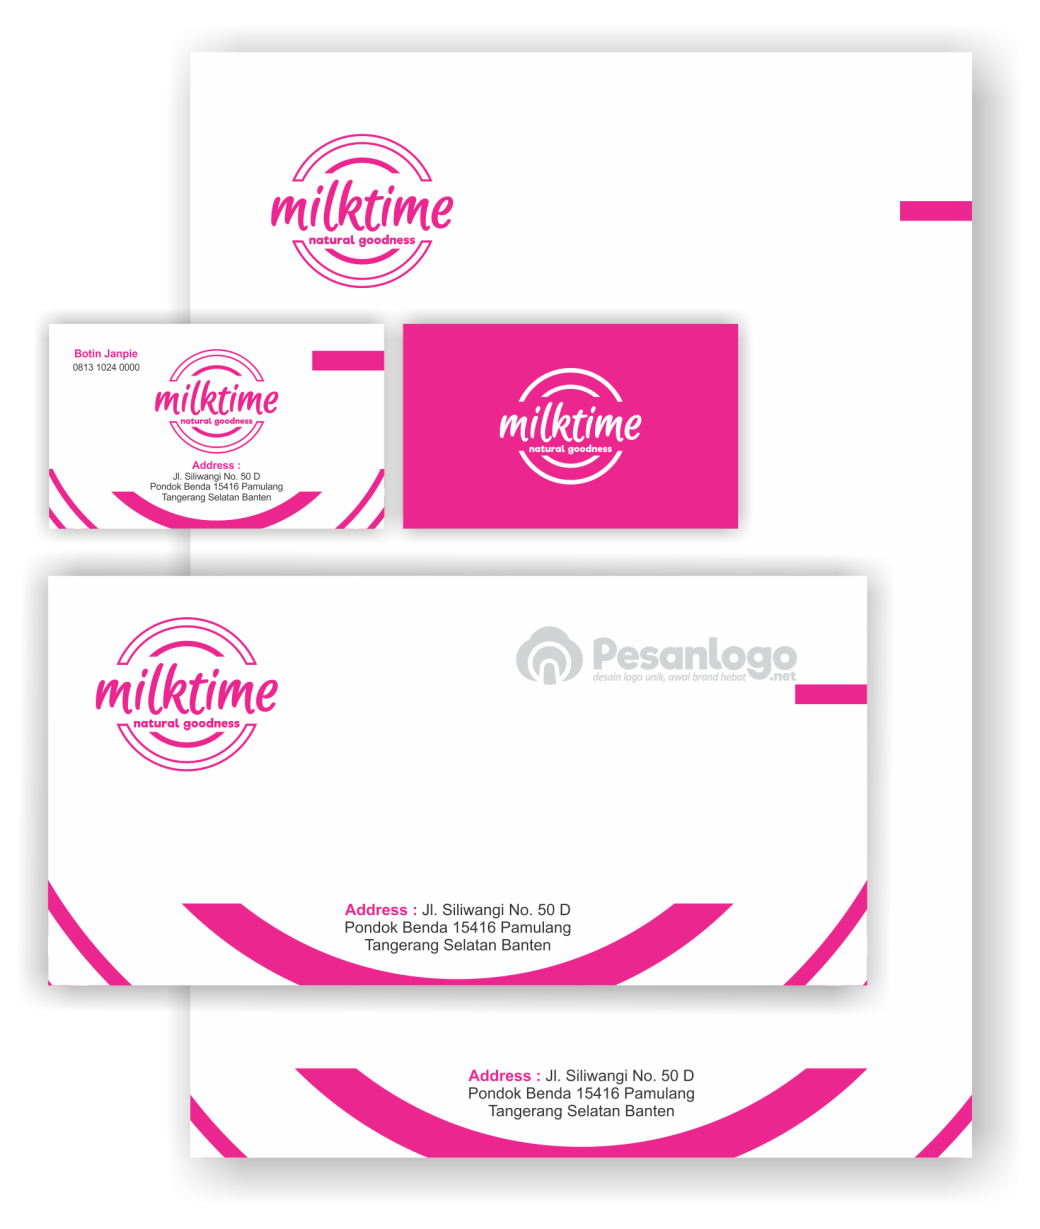 desain kartu nama dan kop surat milktime